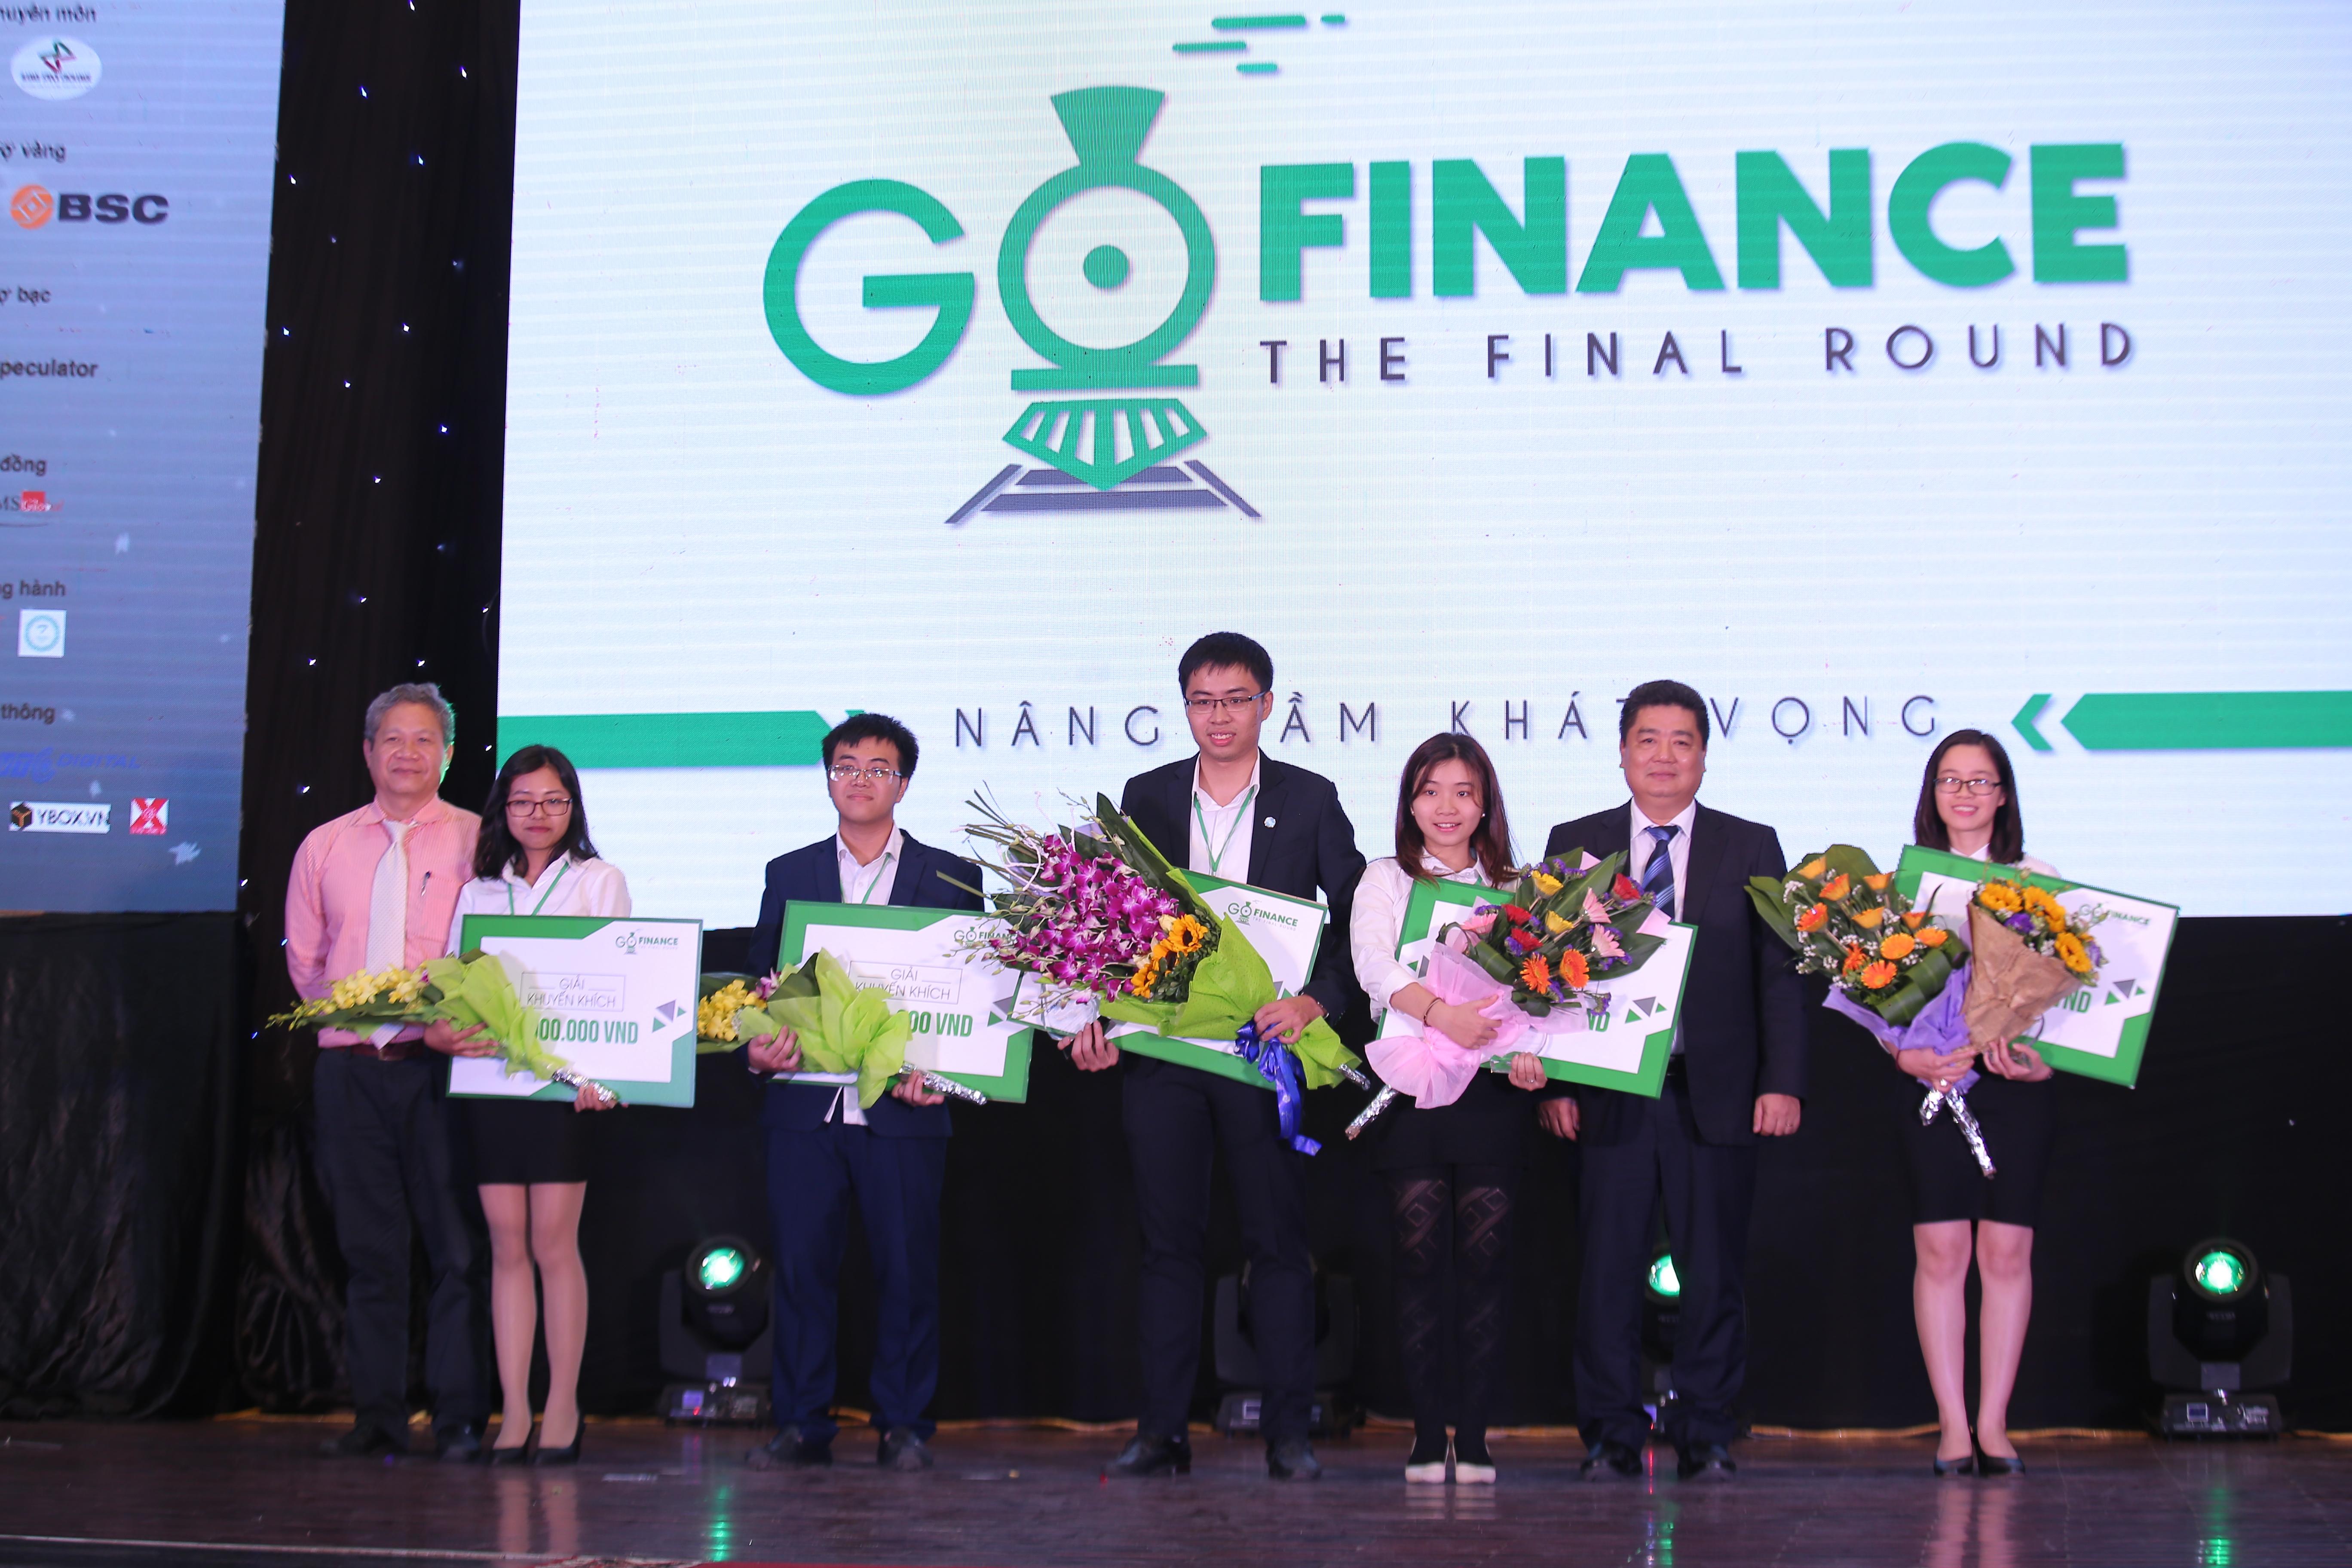 Sinh viên Học viện Ngân hàng vô địch cuộc thi Go Finance 2017